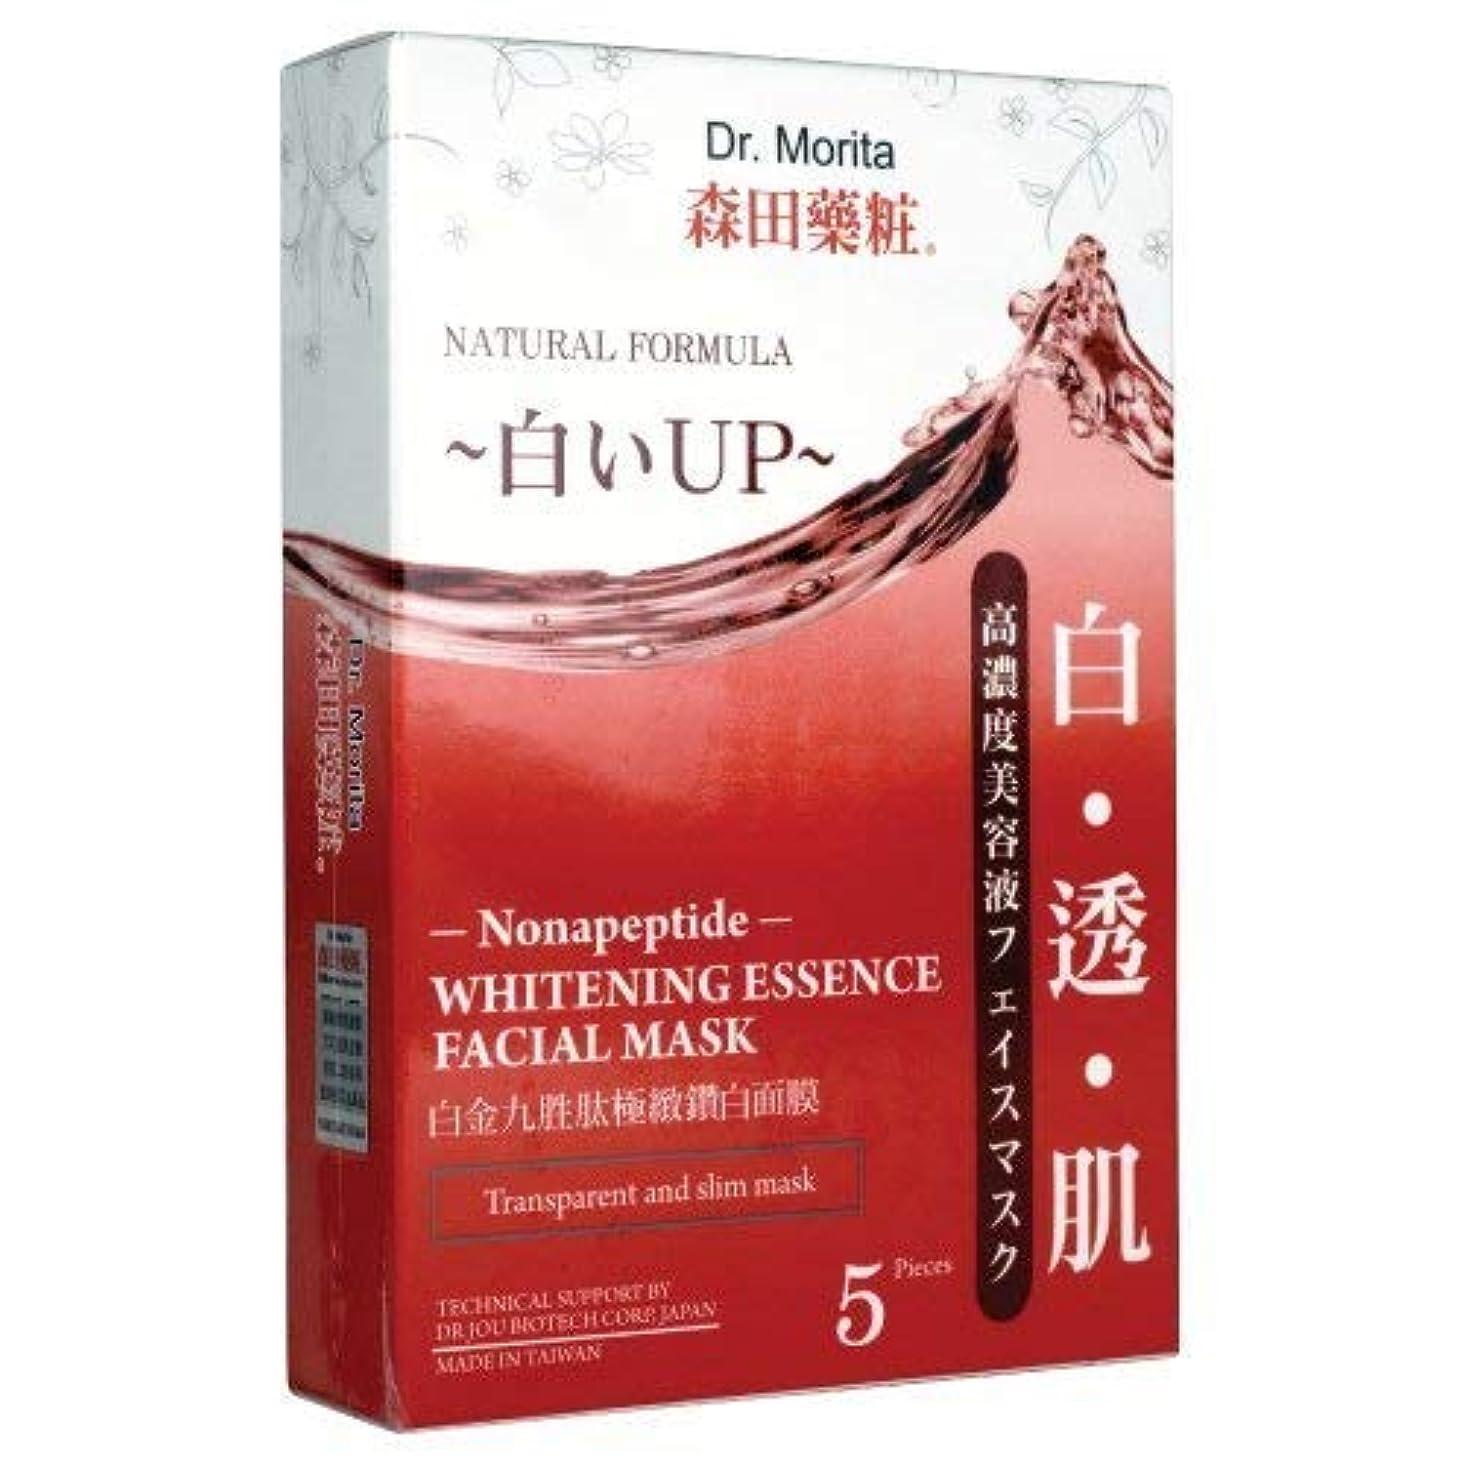 不毛ギネス月曜Doctor Morita 皮膚はしなやかでしっとりするようにナノペプチドは、マスク5皮膚とのバランス肌の水分レベルをホワイトニング。